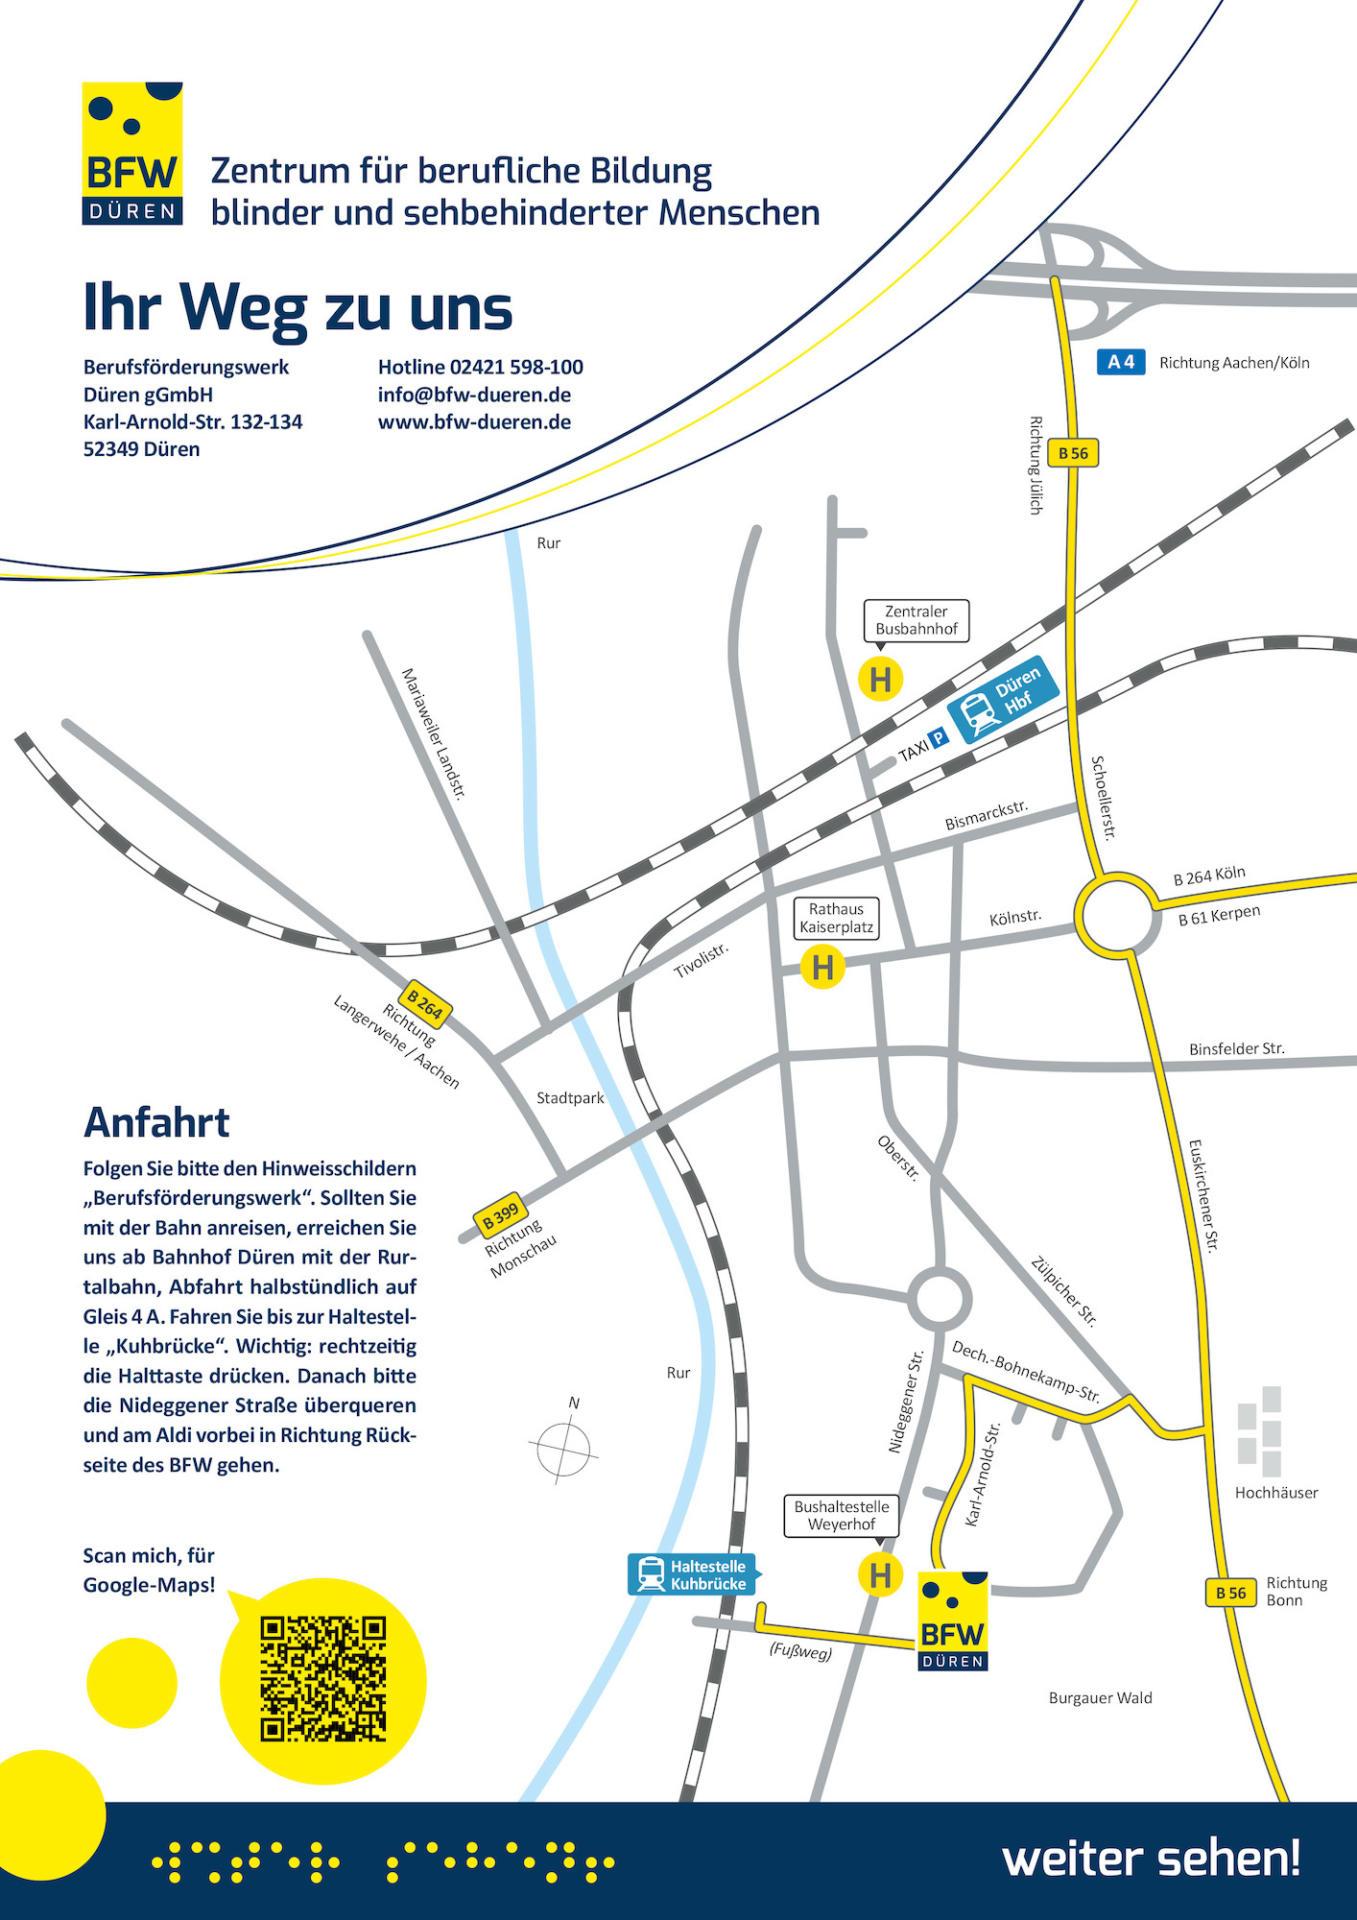 Karte des Standortes und der Gebäude